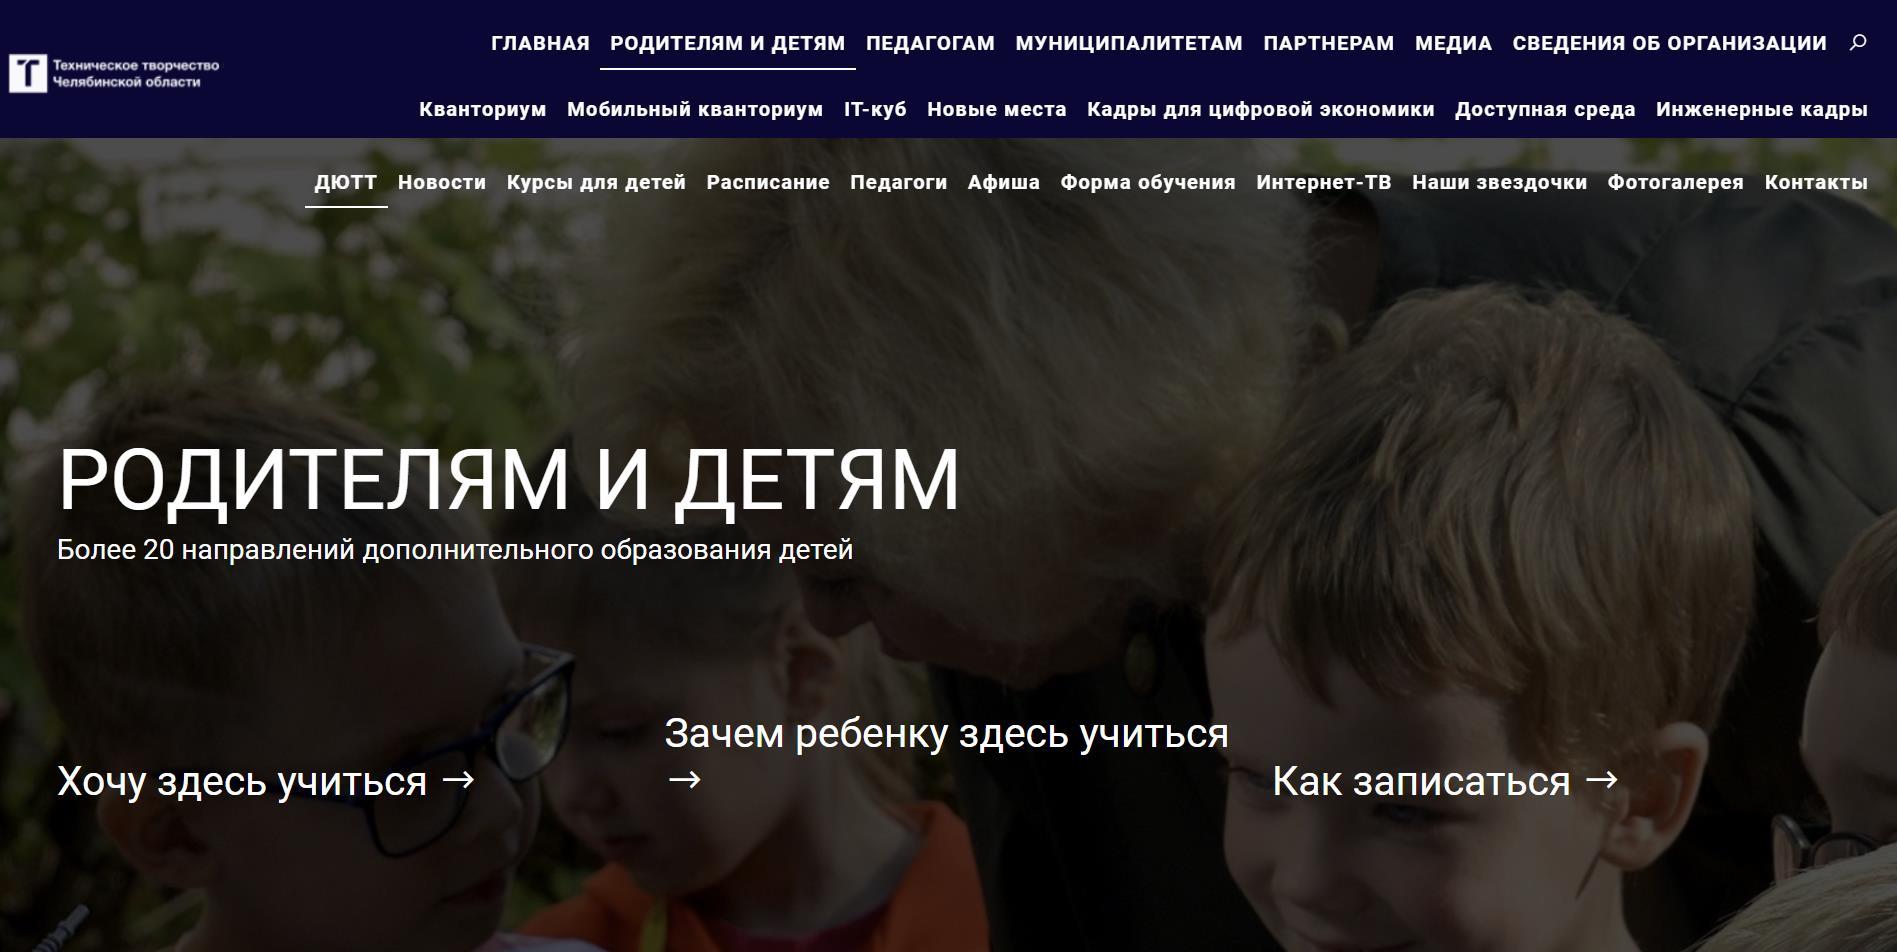 Сайт родителям и детям